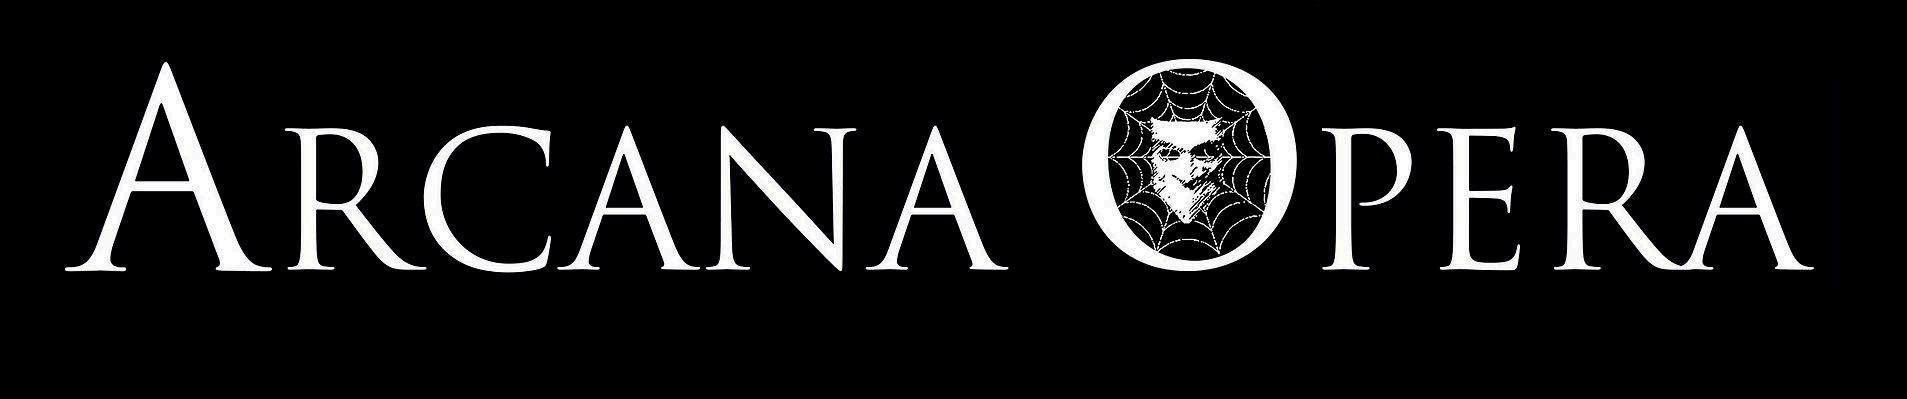 Arcana Opera - Logo